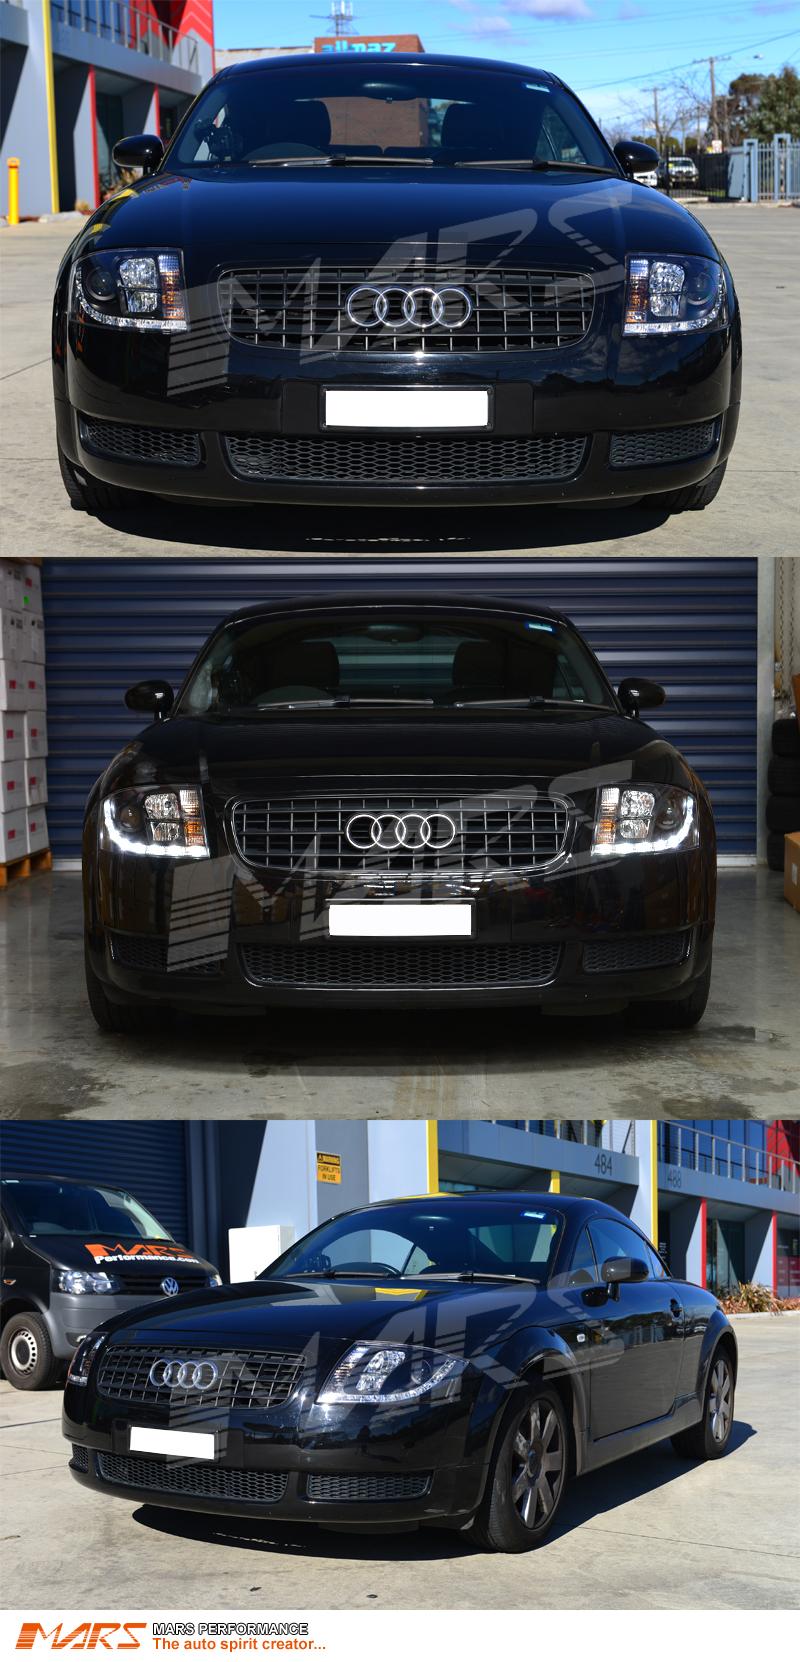 Original 8n Headlight : Audi tt black day time drl led projector head lights